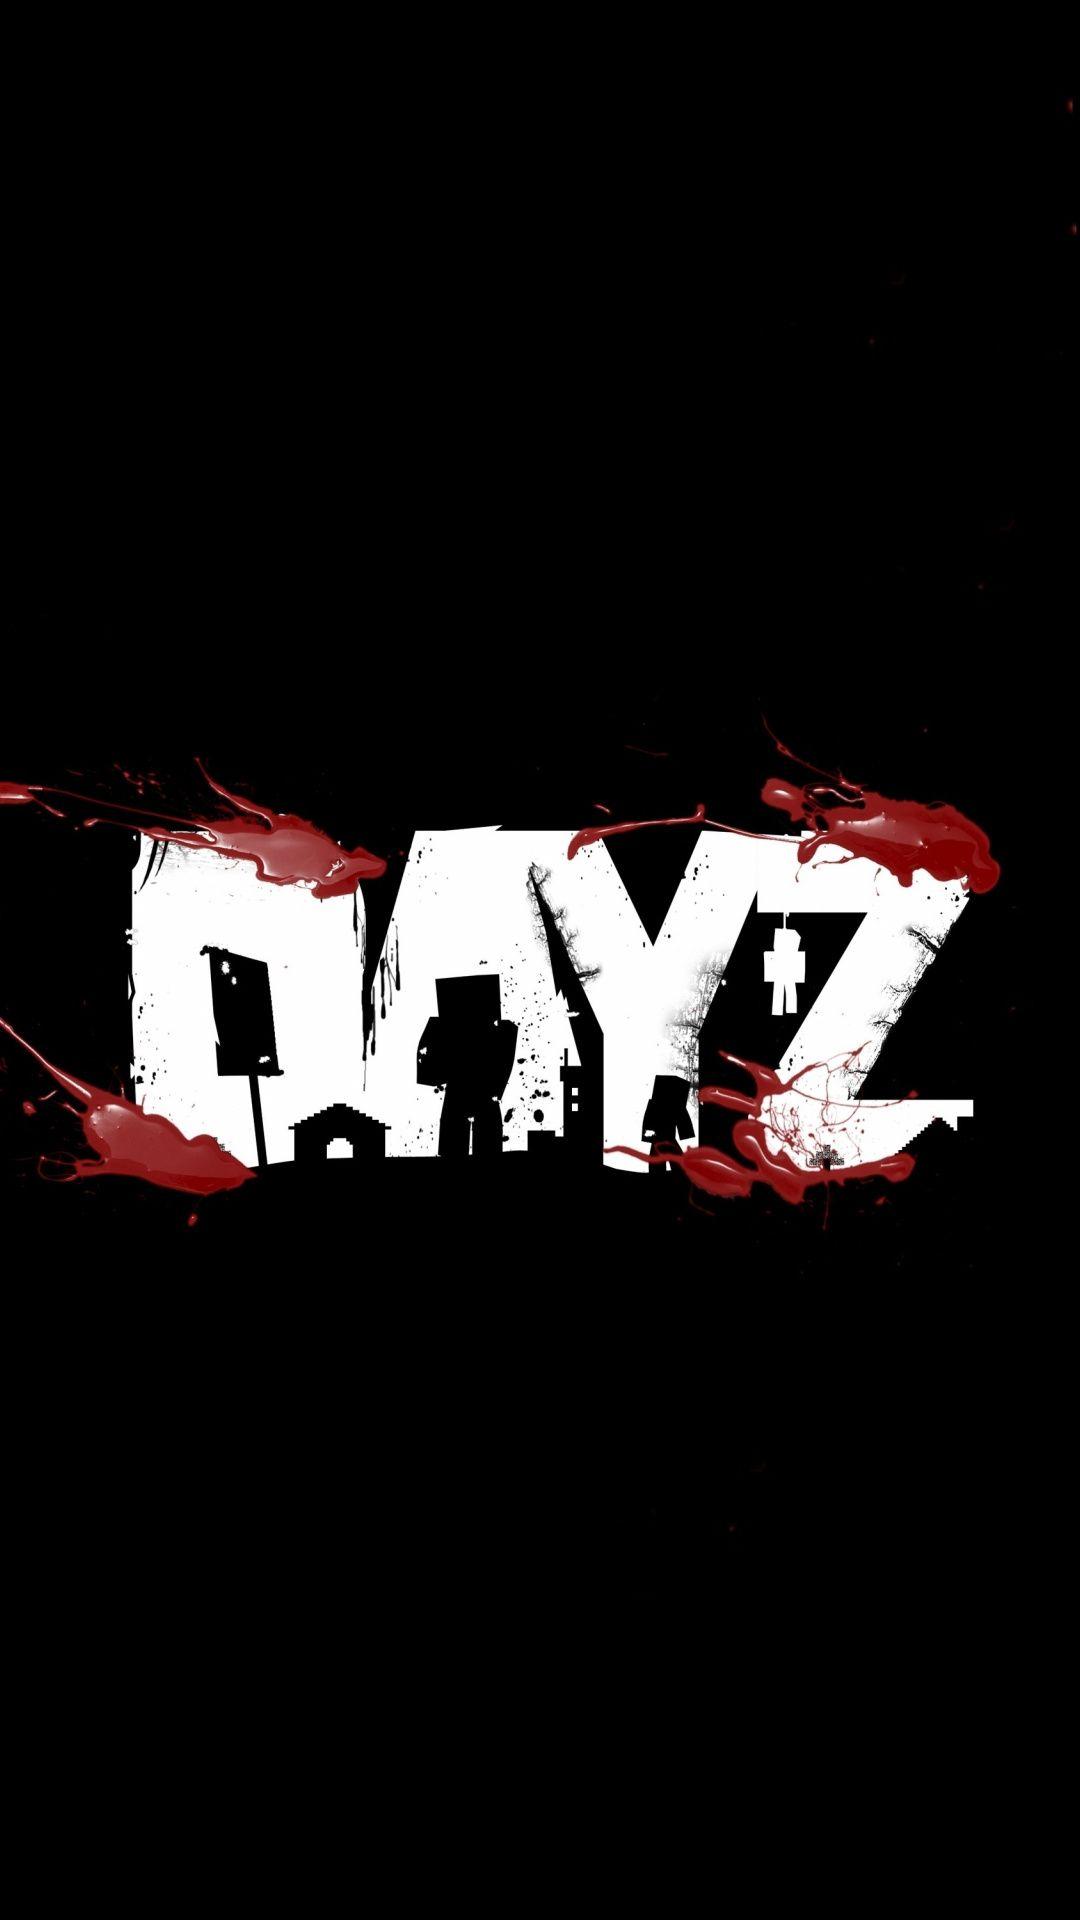 Best Arma 3 Dayz Mod 2019 Arma 2: DayZ mod, minimal, logo, video game, 1080x1920 wallpaper